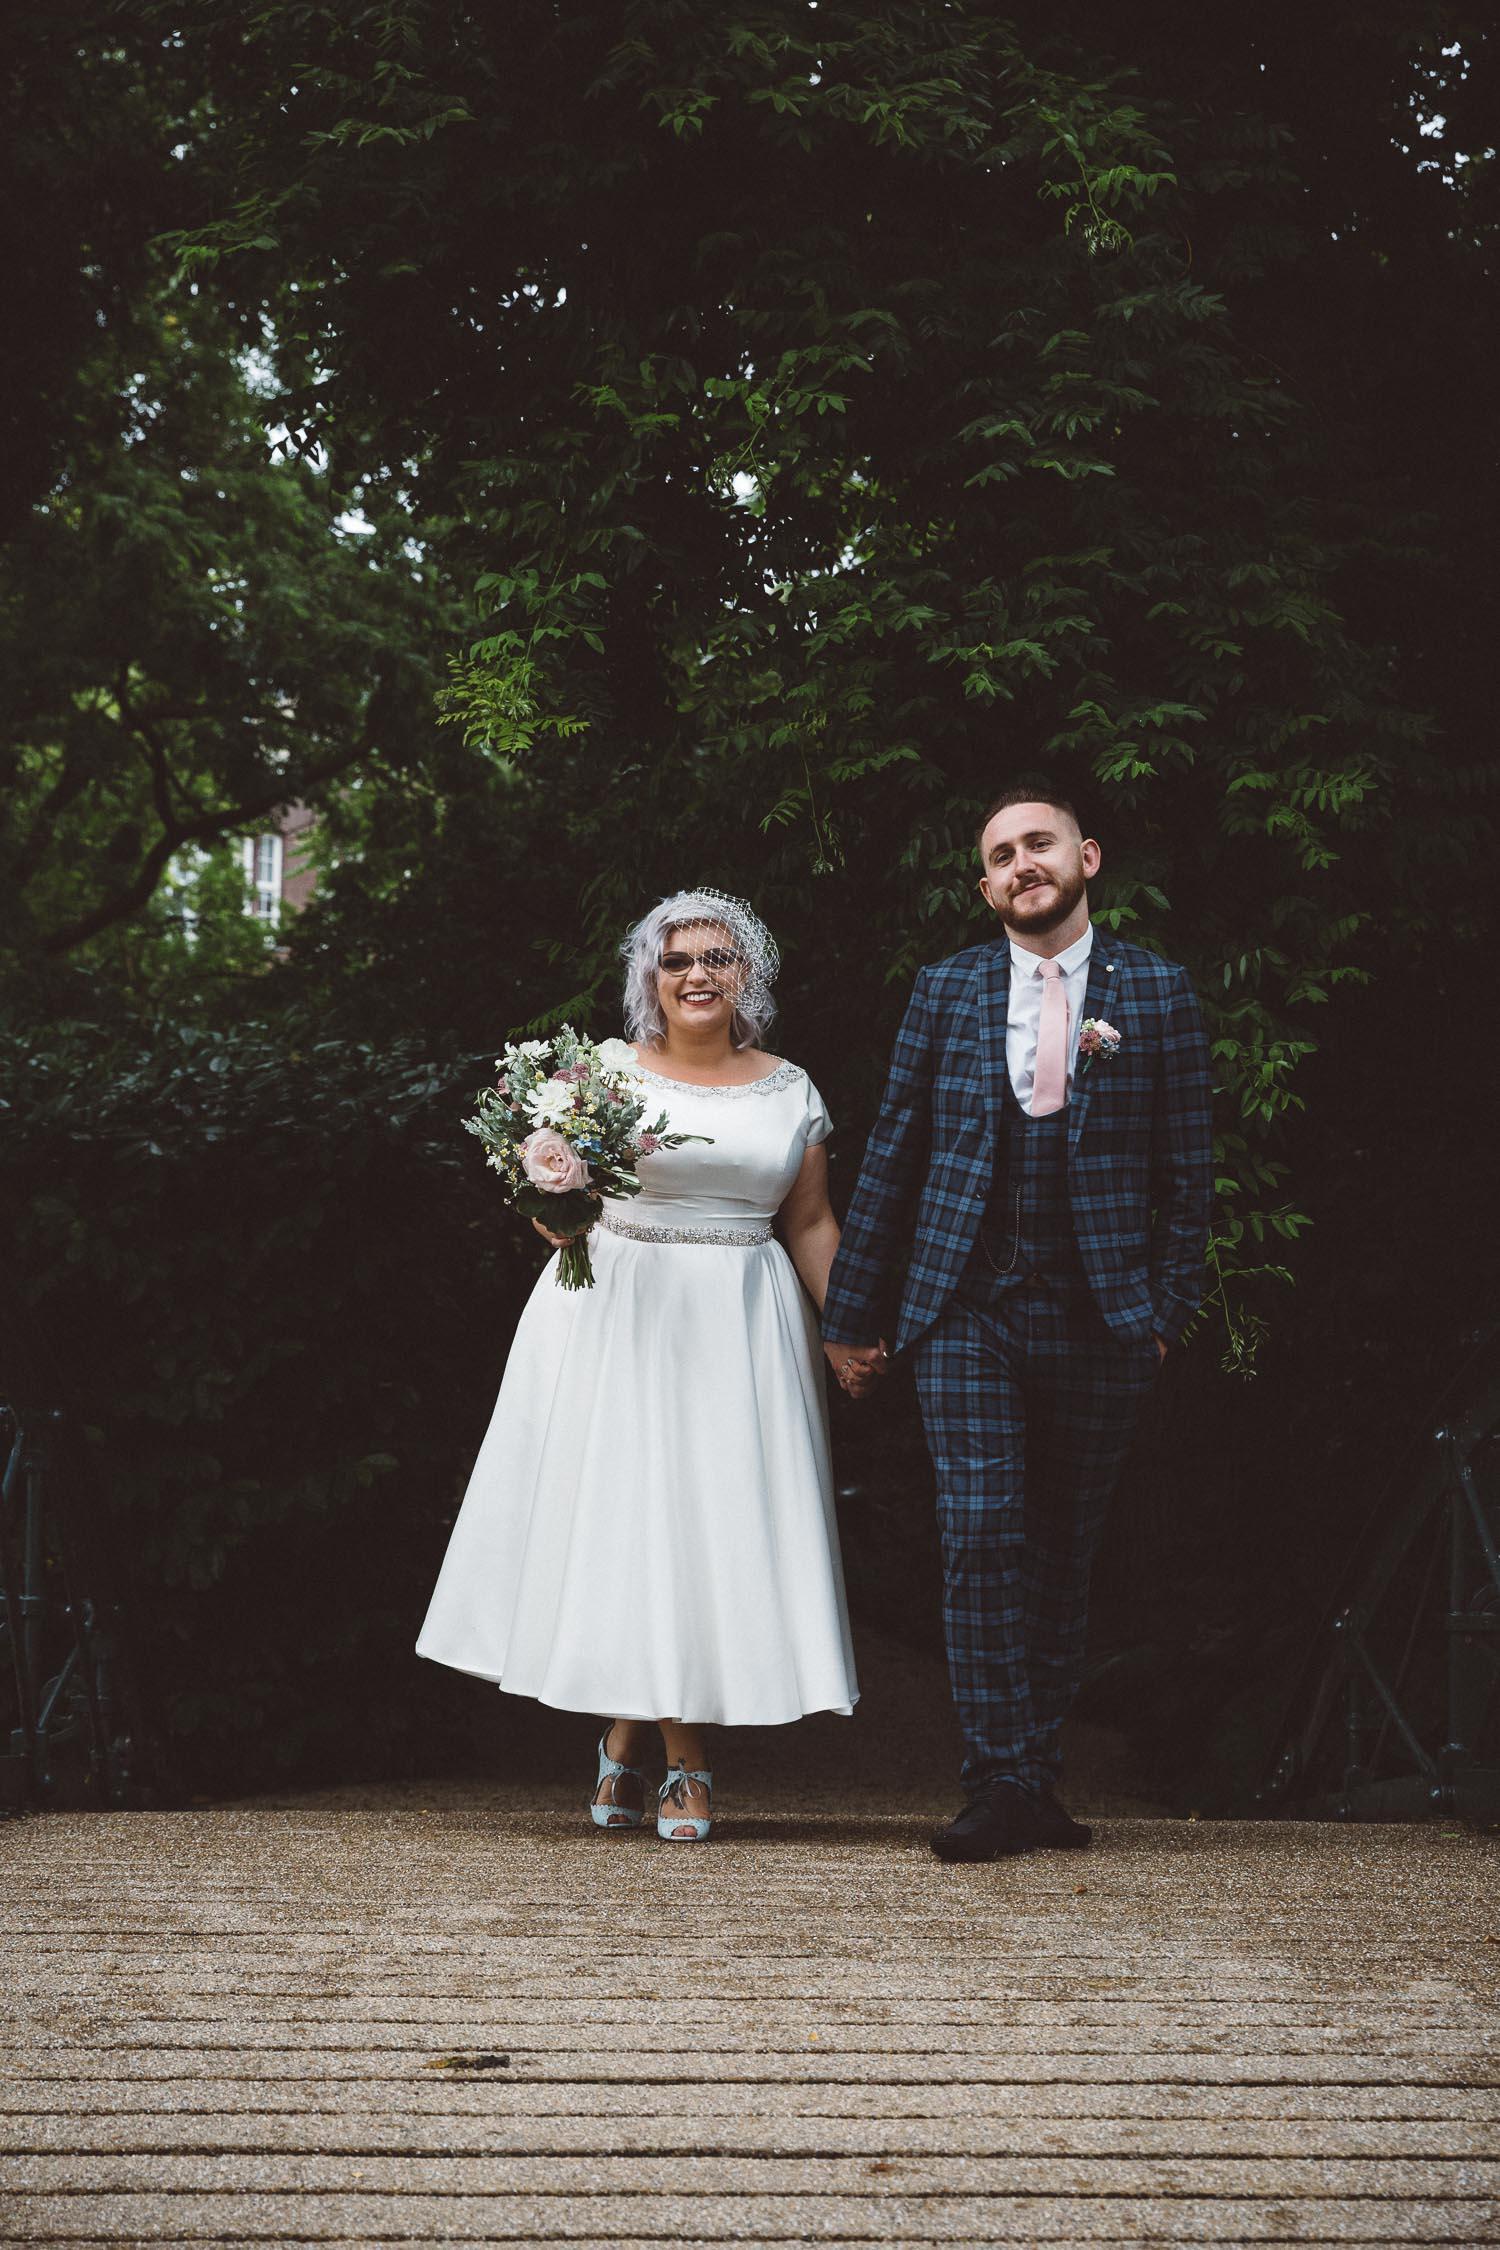 Wedding-Bethan-and-Mike-Hortus-Botanicus-photography-On-a-hazy-morning-Amsterdam179.jpg